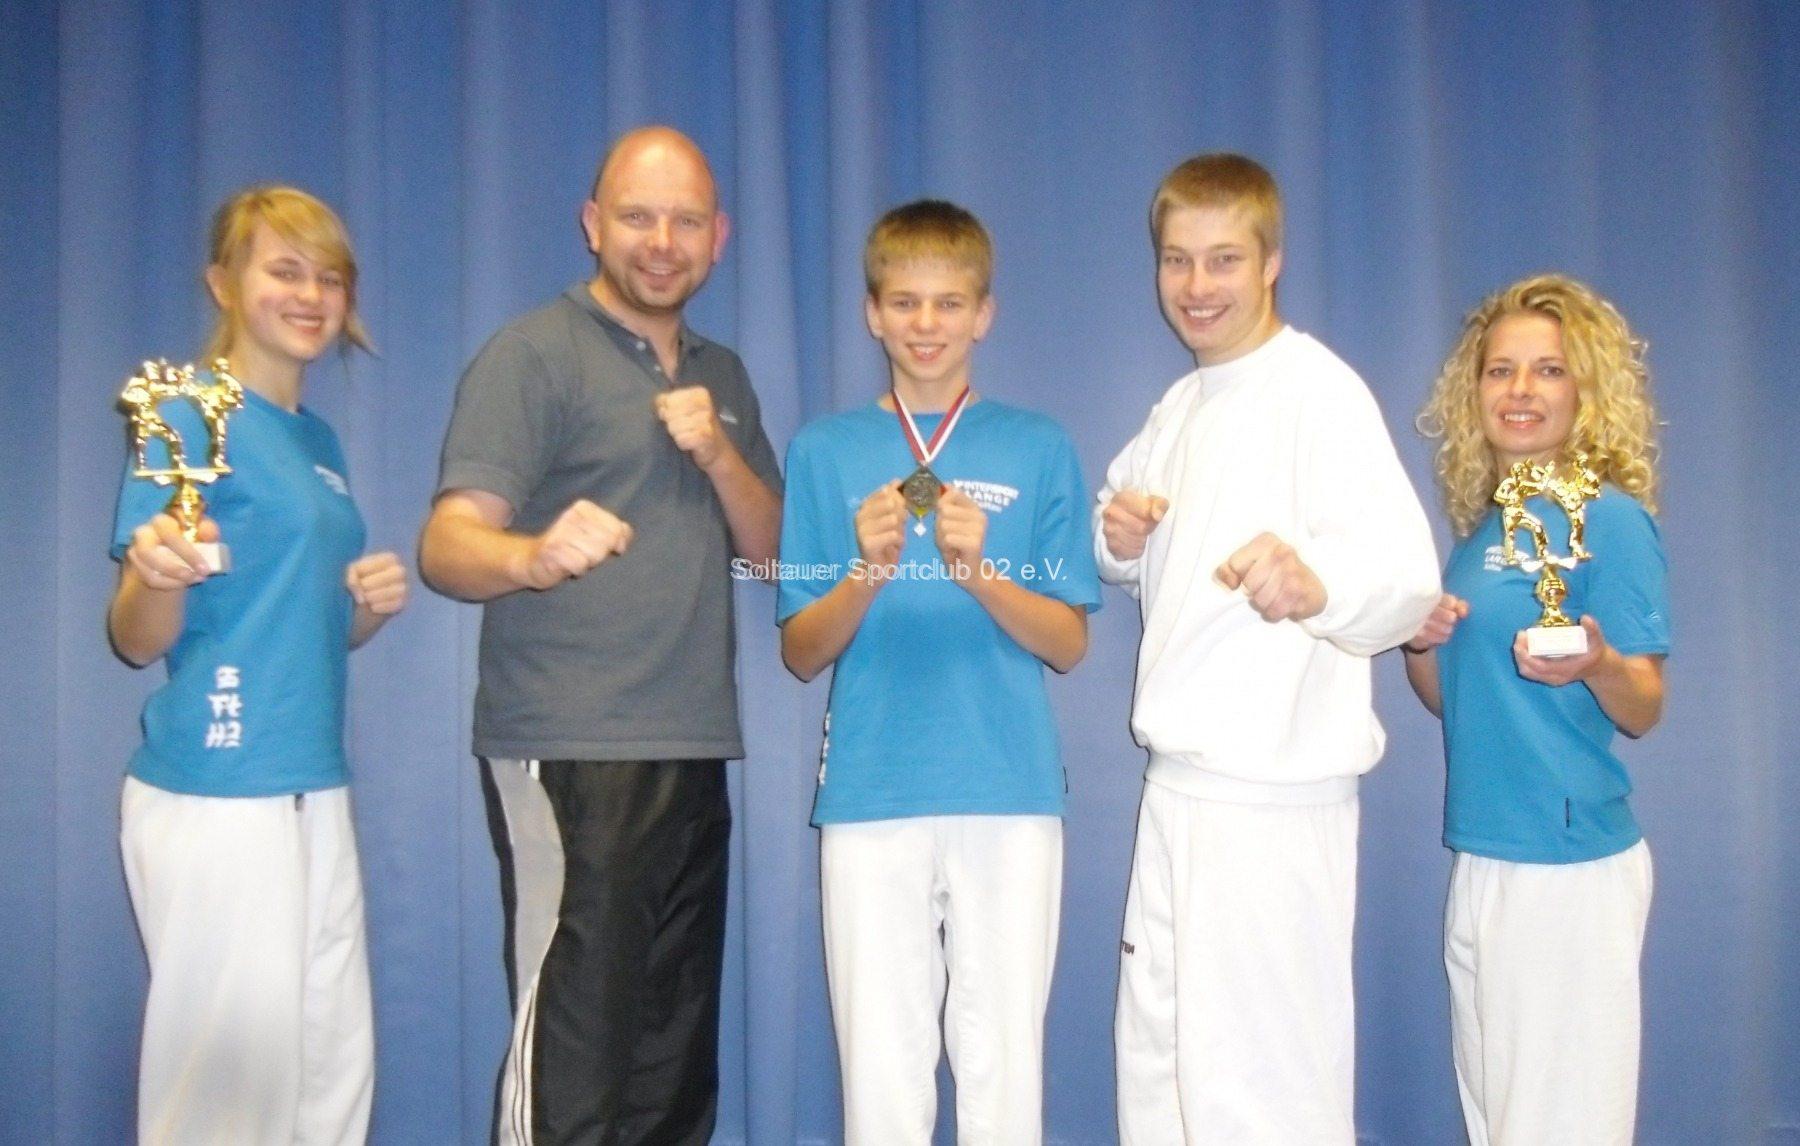 bericht-bild-tkd-zwei-titel-fur-ssc-02-bei-norddeutscher-taekwondo-meisterschaft